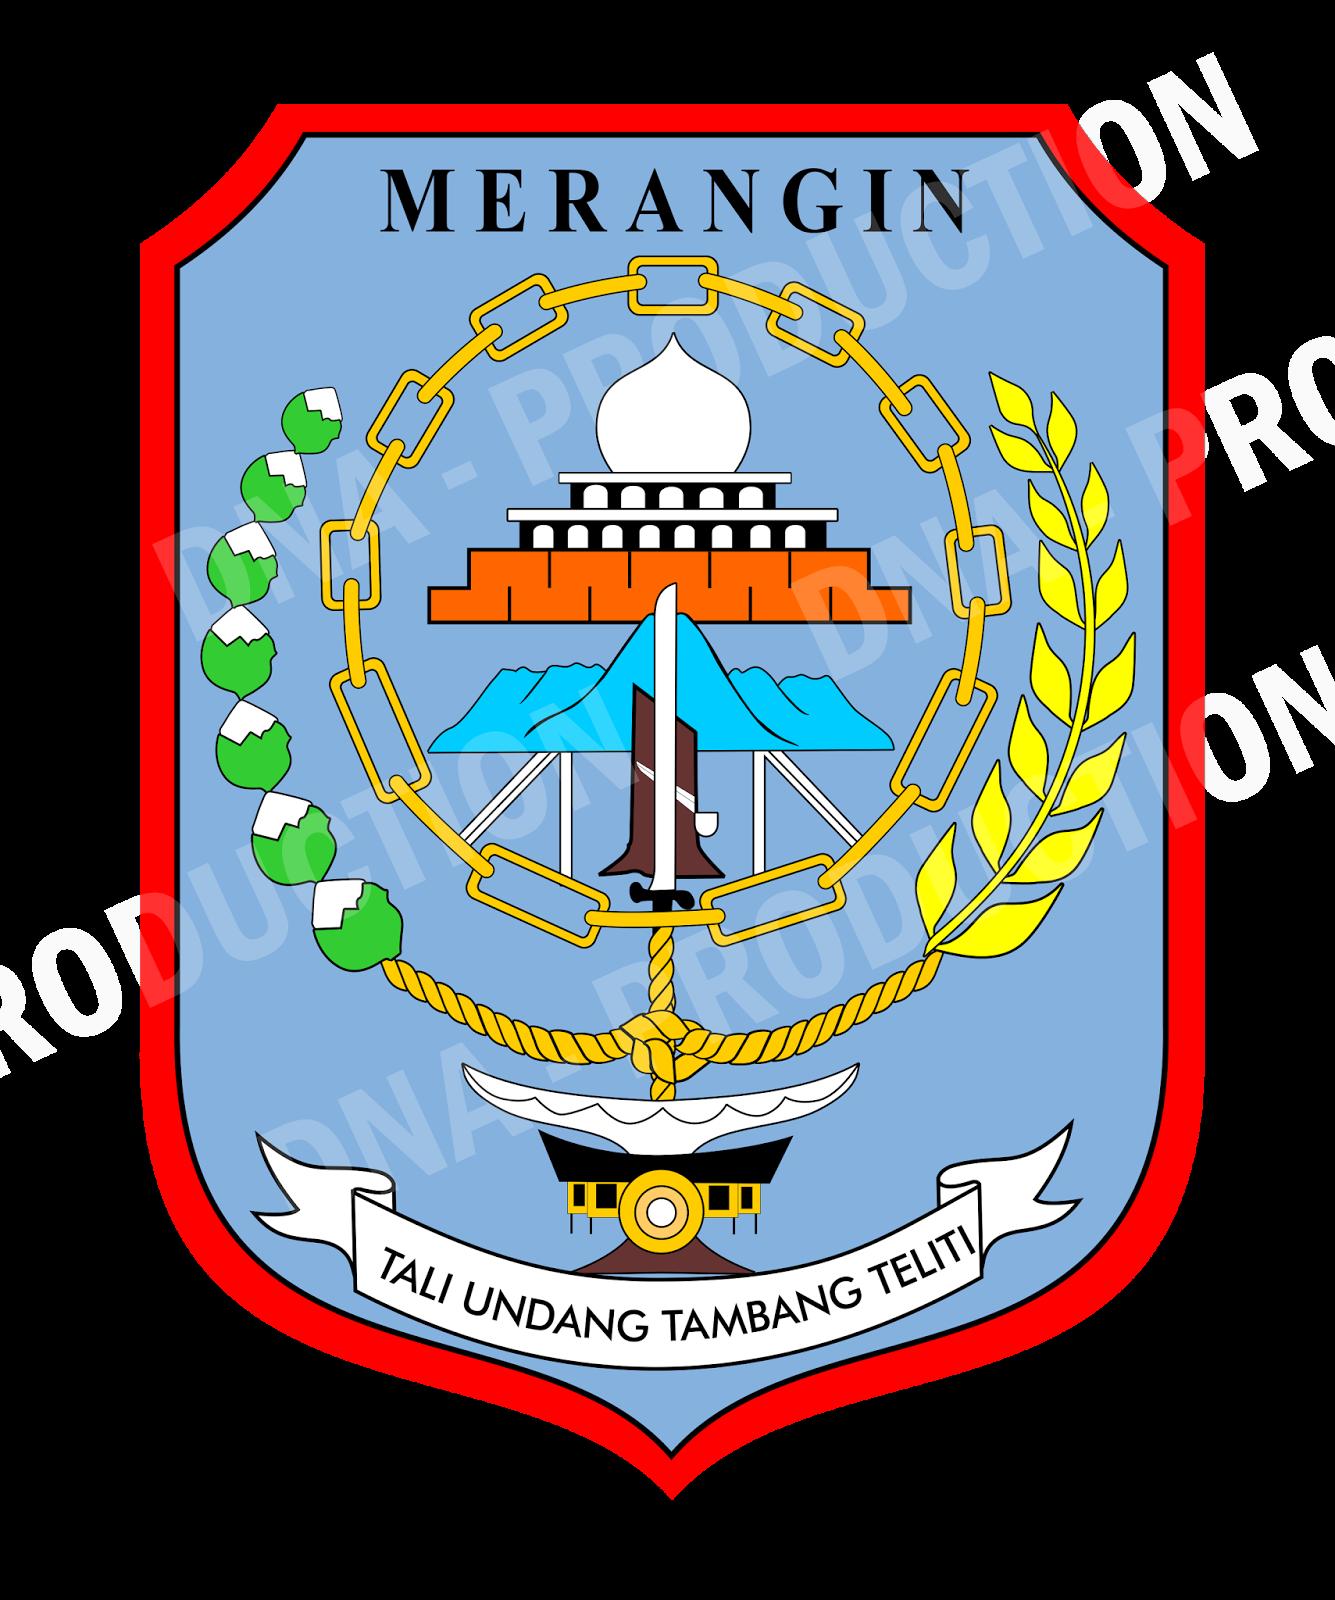 Sayembara Logo Kabupaten Merangin Usai Radarjambi Co Id Berita Independen Akurat